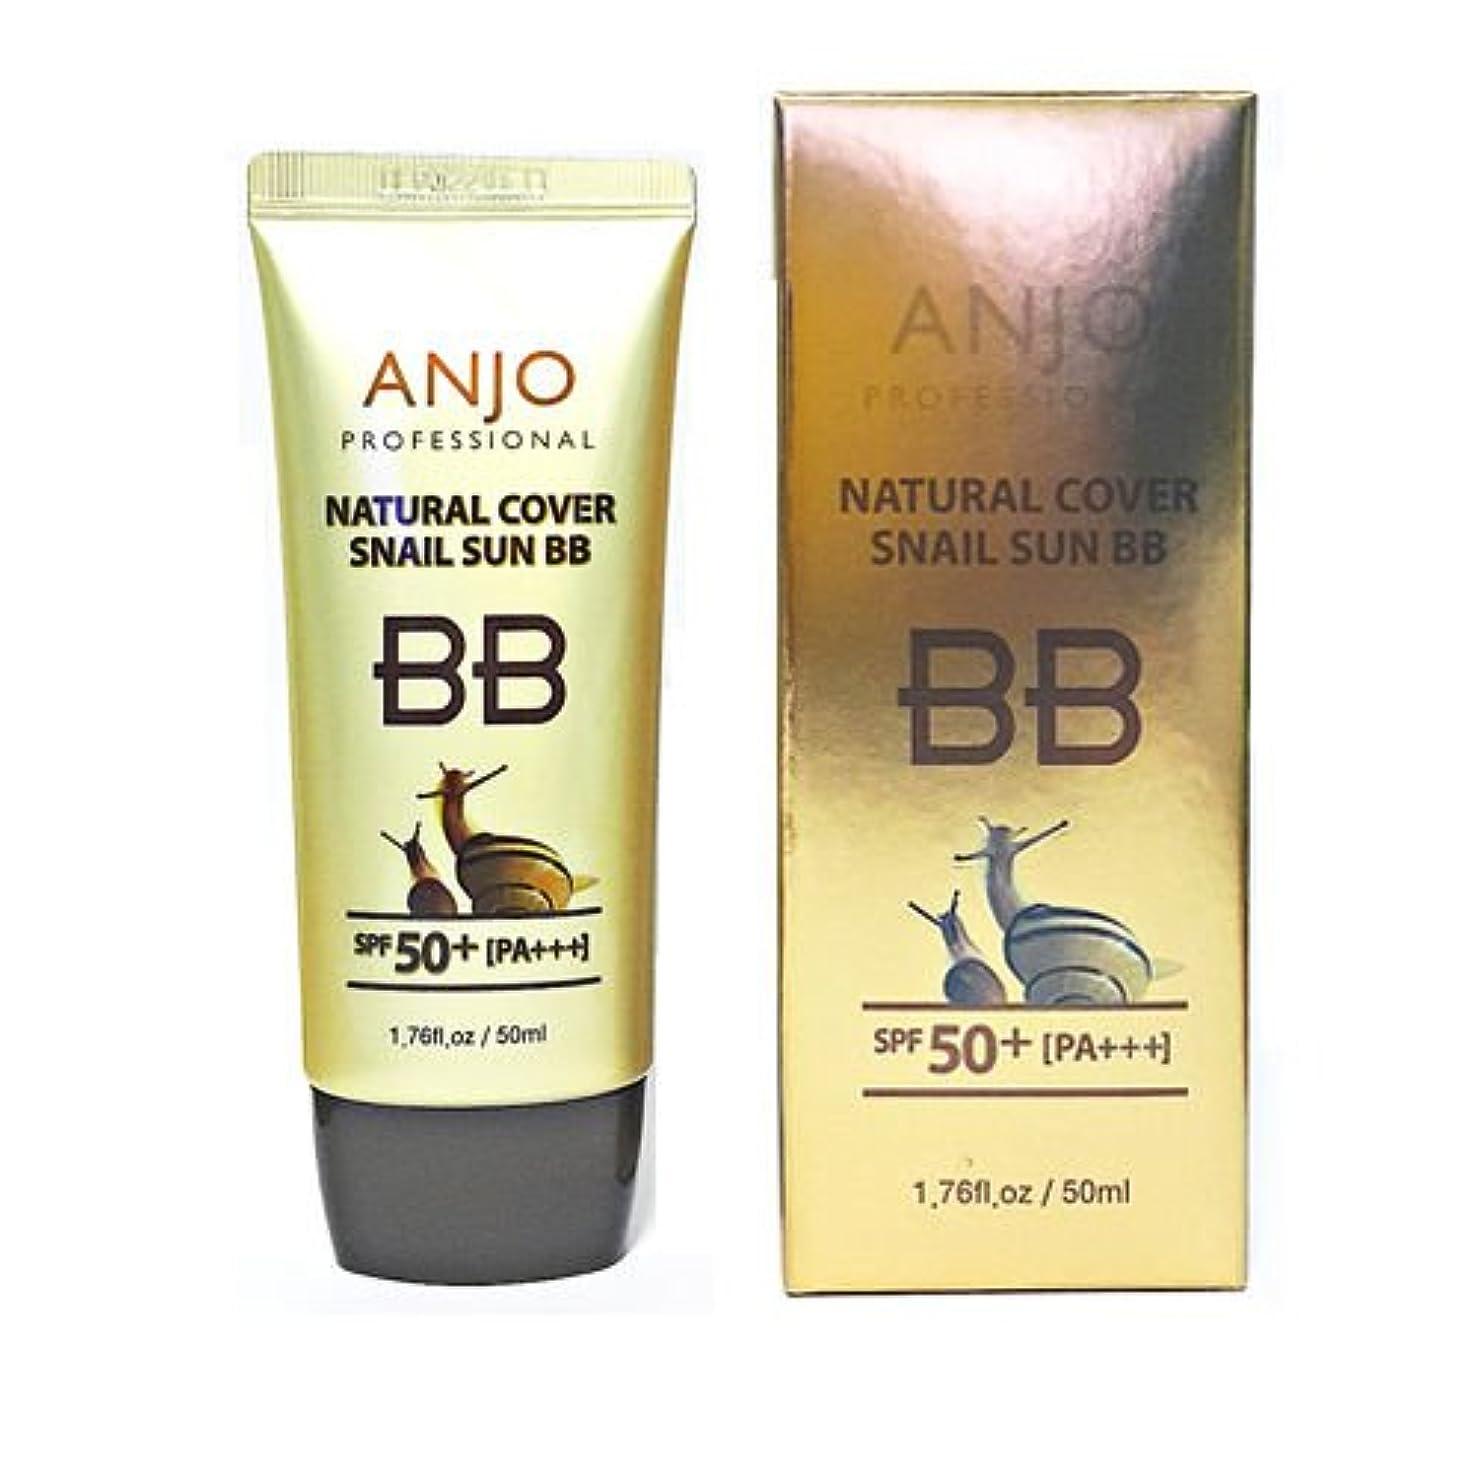 仕出します緊急保険アンジュ[韓国コスメAnjo]Professional Natural Cover Sun BB Cream プロフェッショナルナチュラルカバー日焼け止めBBクリーム50ml SPF50+ PA+++UVホワイトニングリンクルケア...